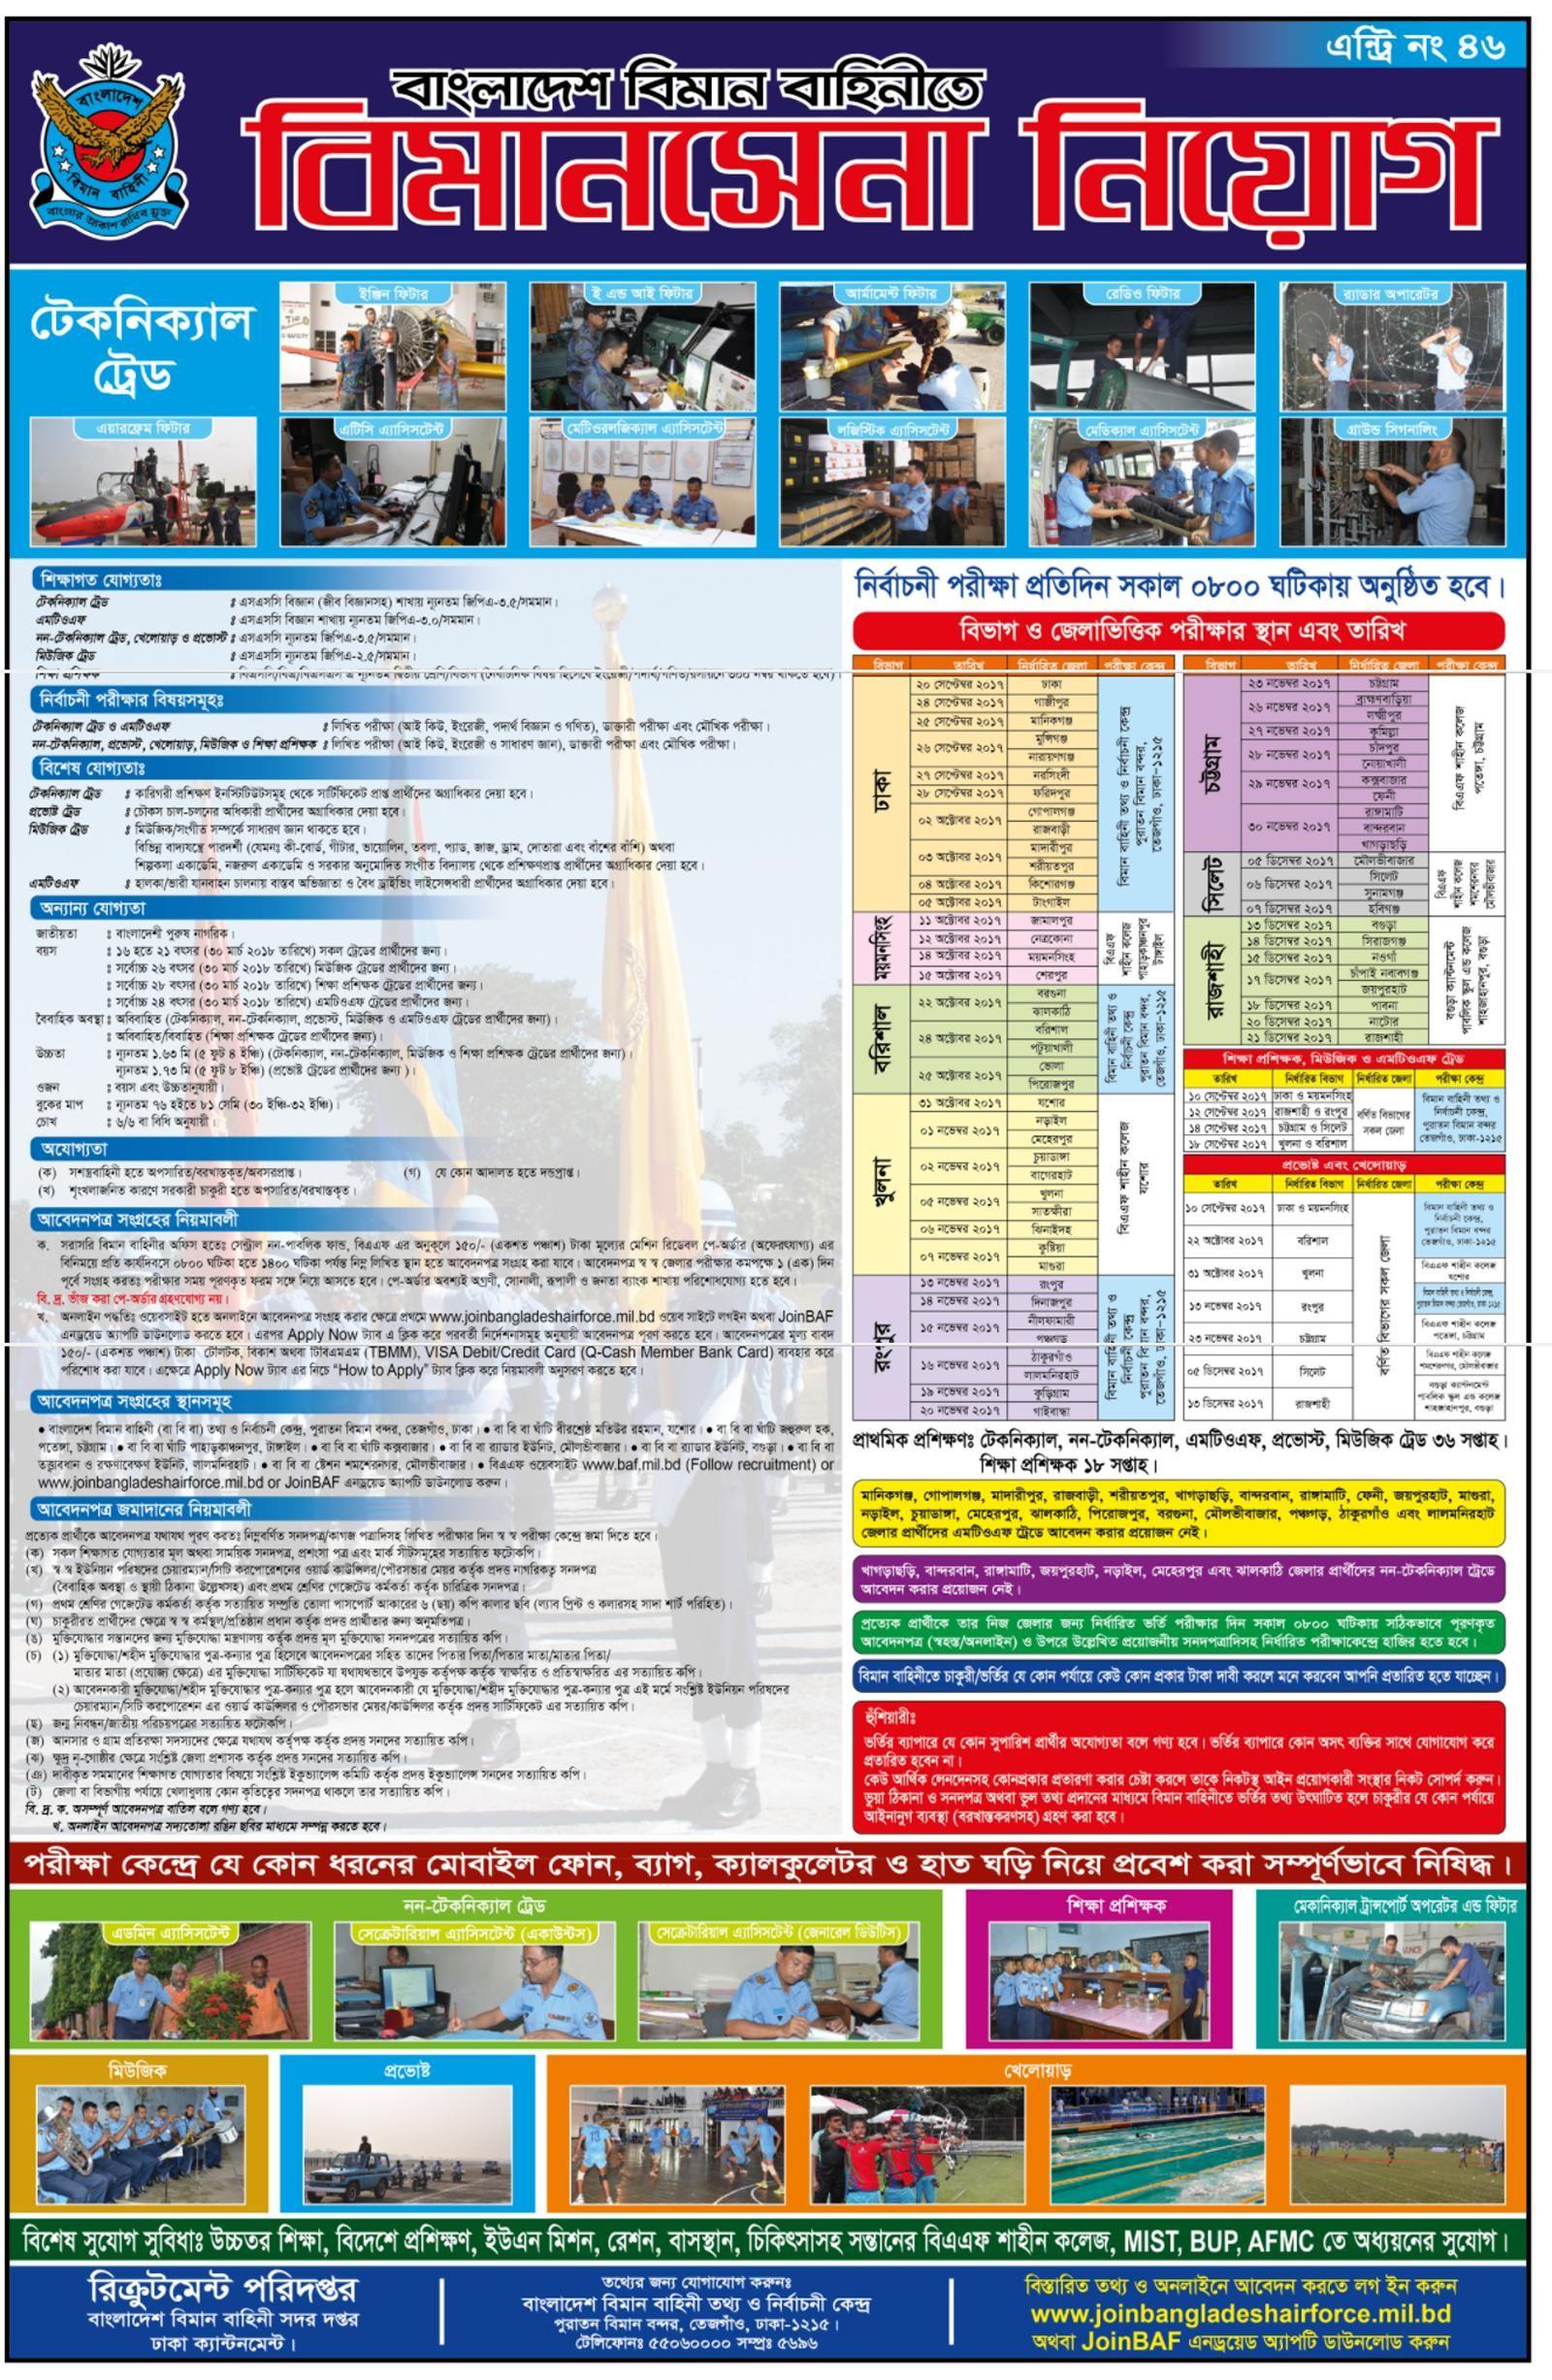 বাংলাদেশ বিমান বাহিনী নিয়োগ বিজ্ঞপ্তি Job circular, Air